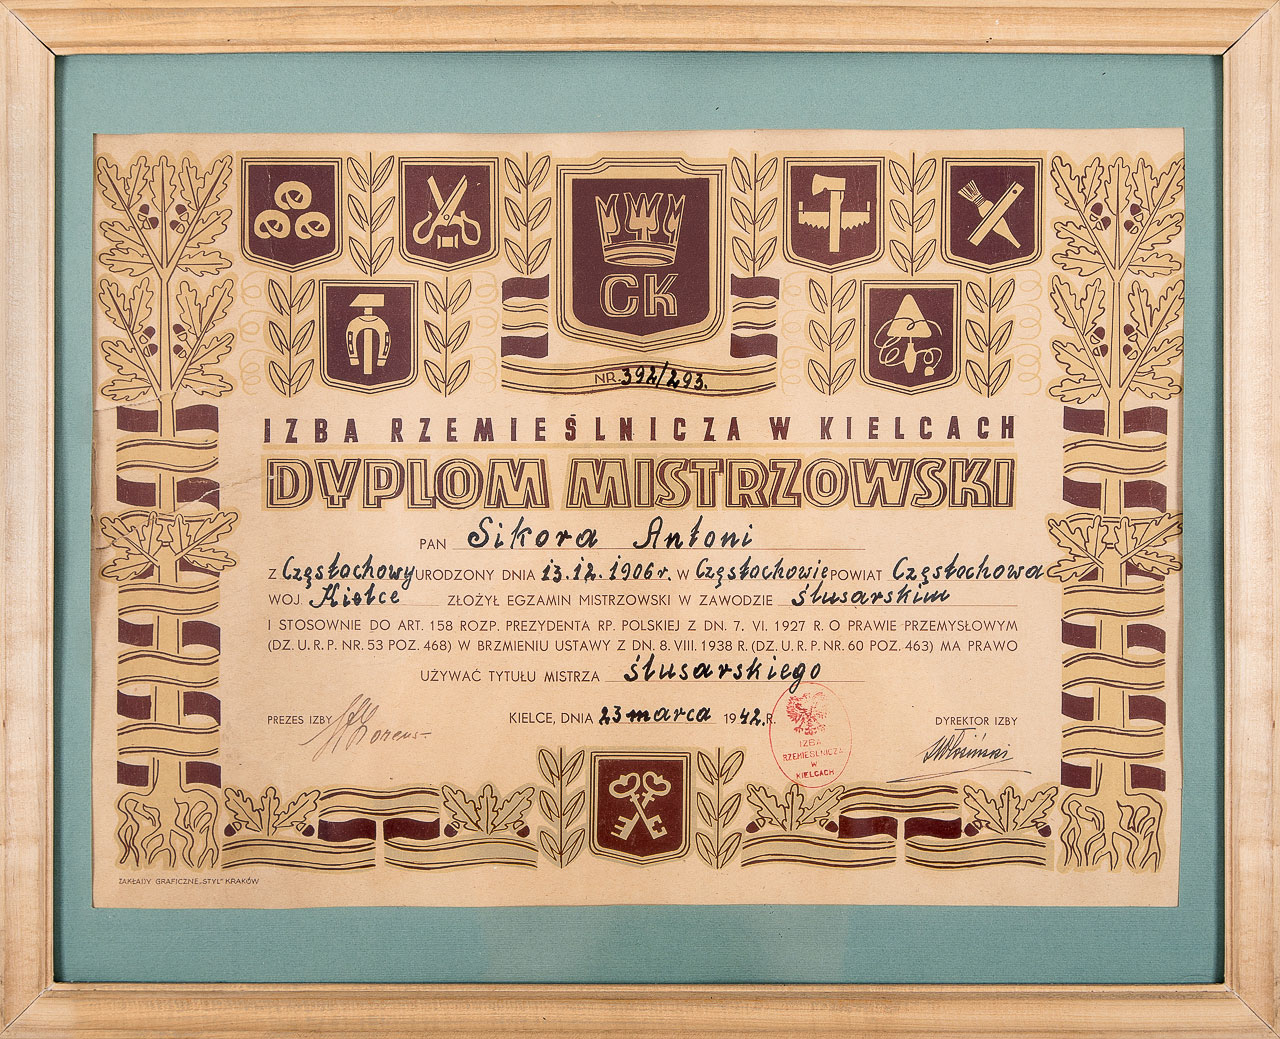 APJ Sikora Zertifizierungen